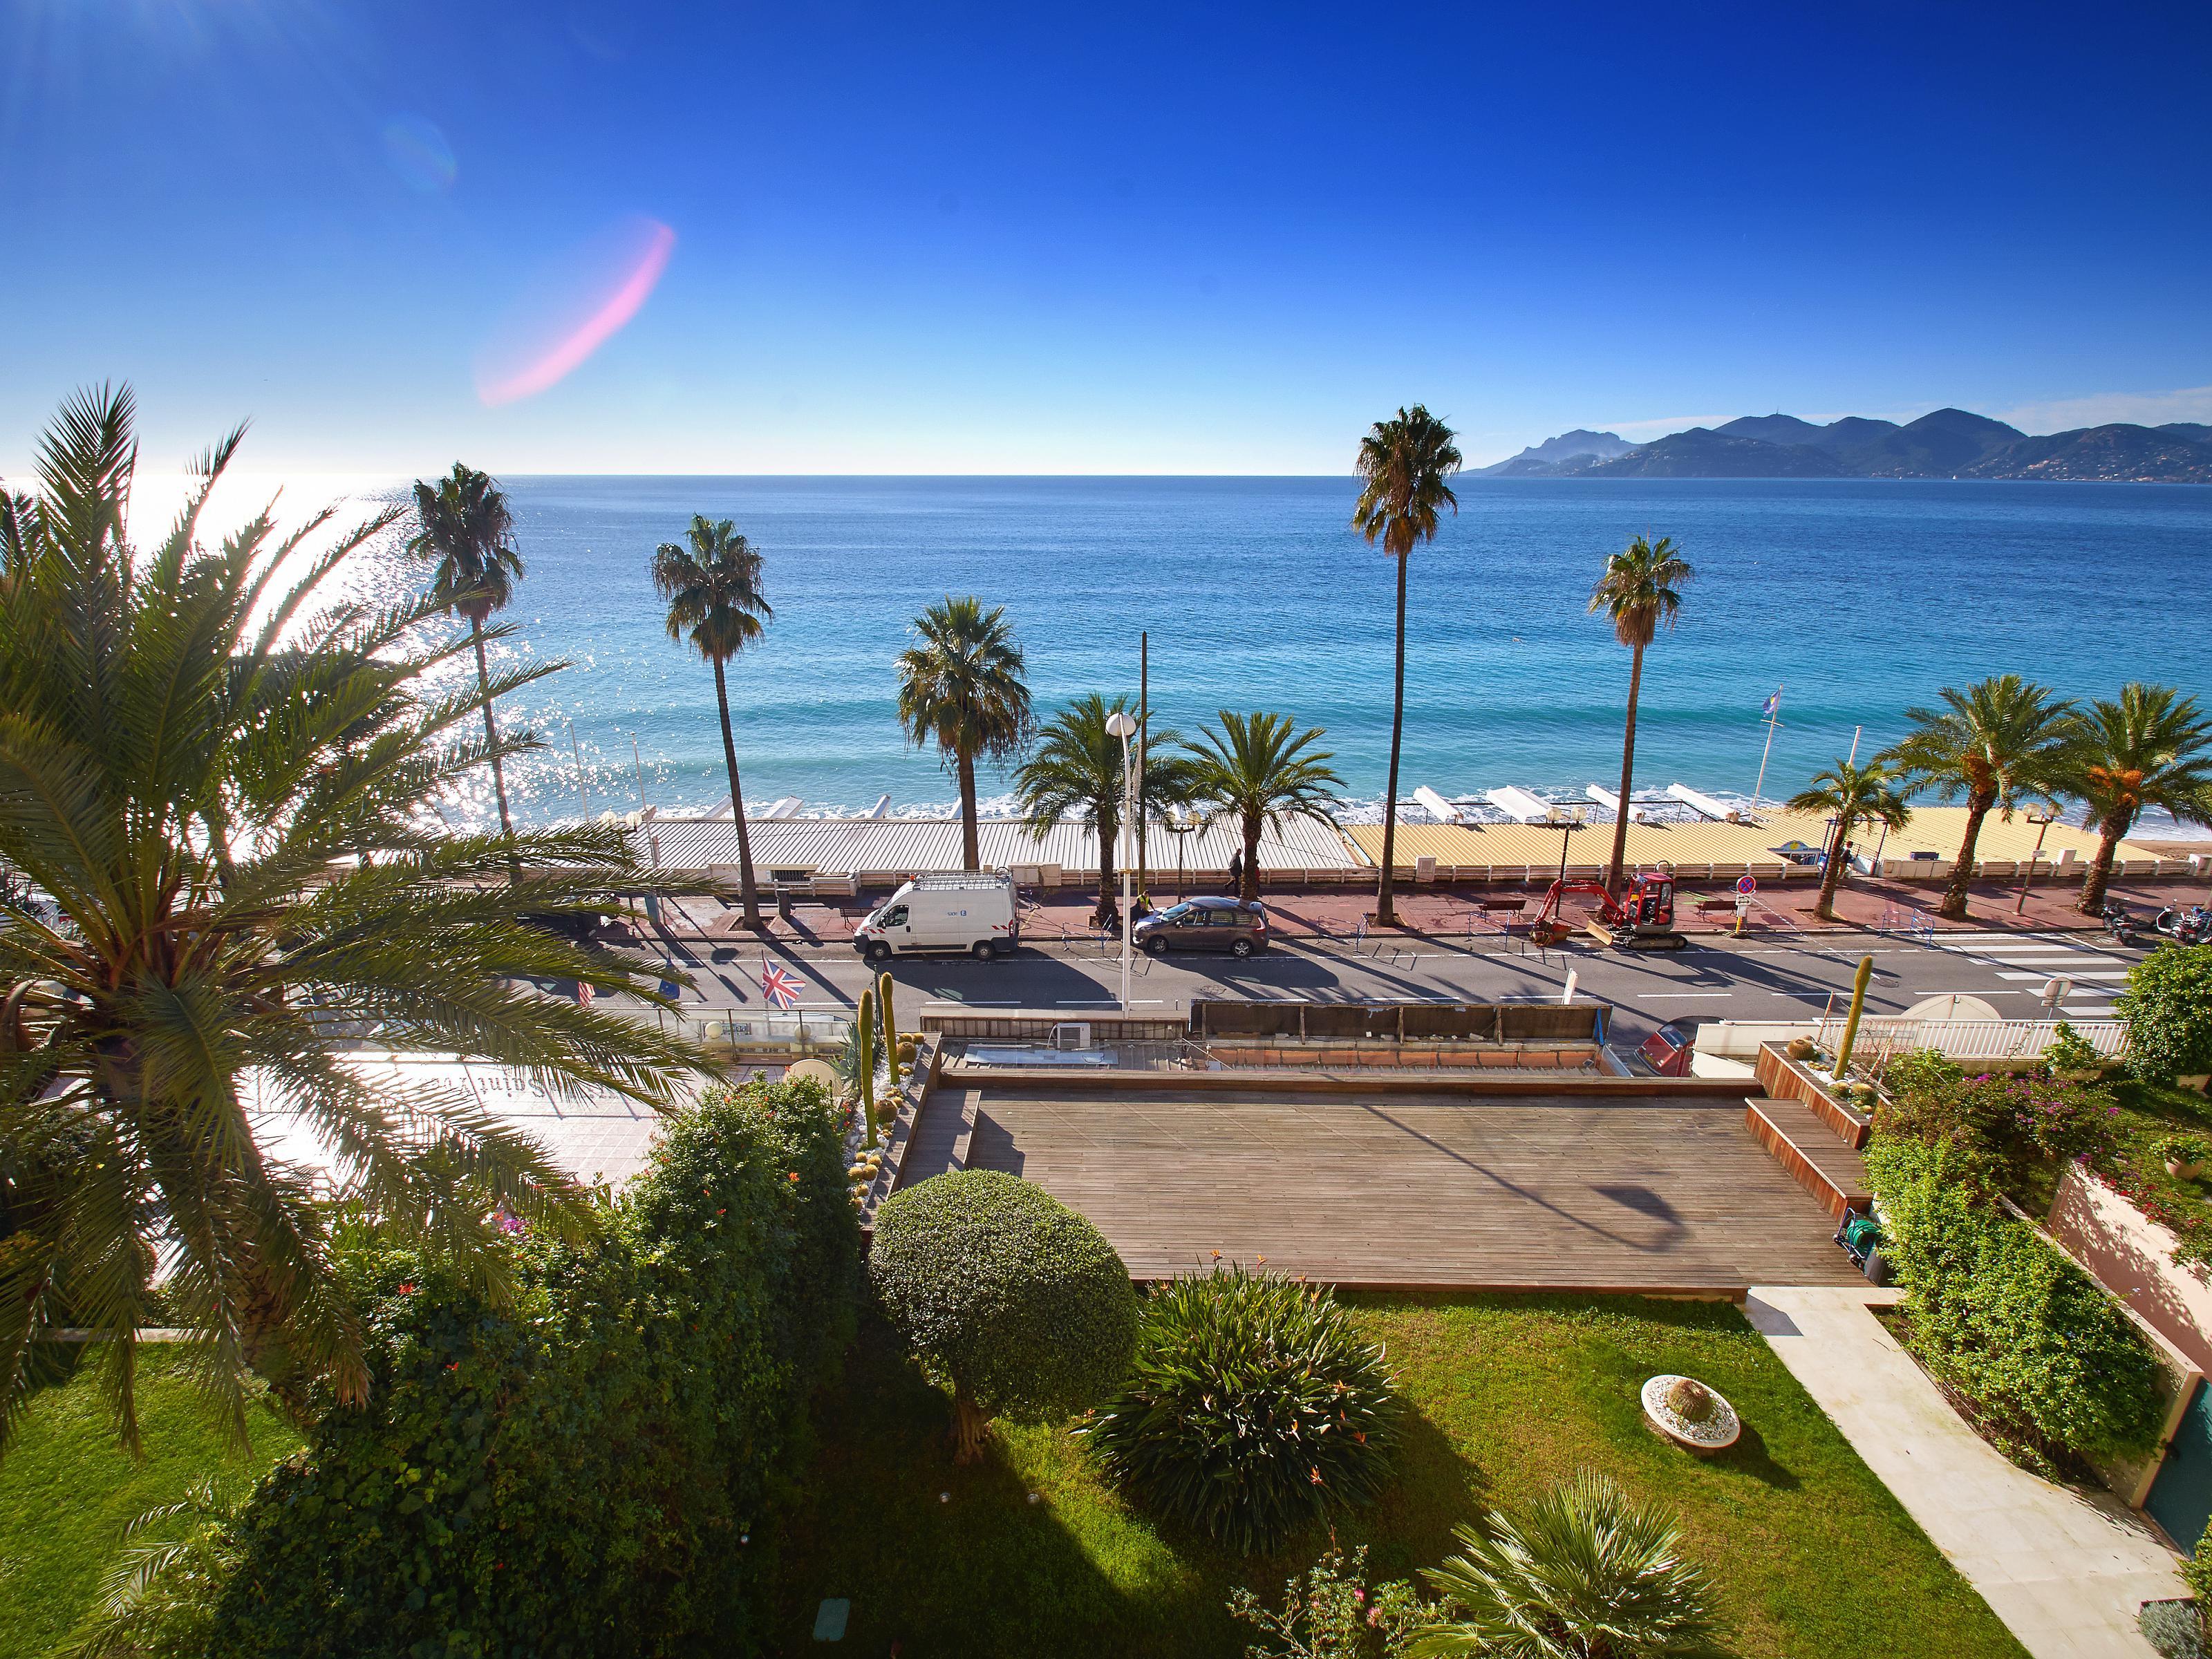 Apartamento para Venda às Cannes seafront - 3 roomed apartment with panoramic sea view Cannes, Provença-Alpes-Costa Azul 06400 França